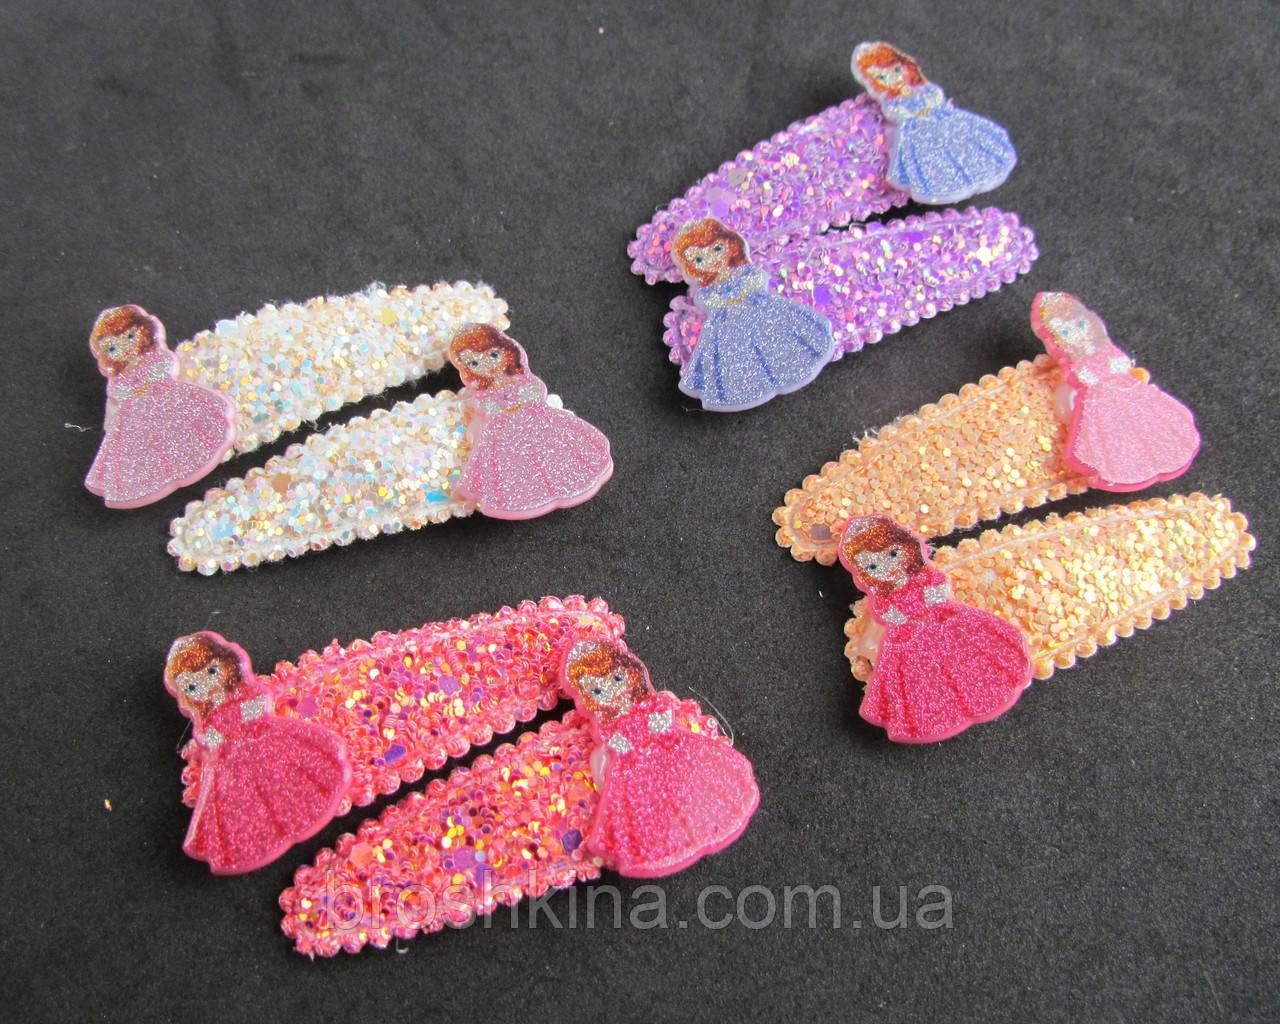 Заколки для волос тик-так с блестками Принцесса София 10 пар/уп.